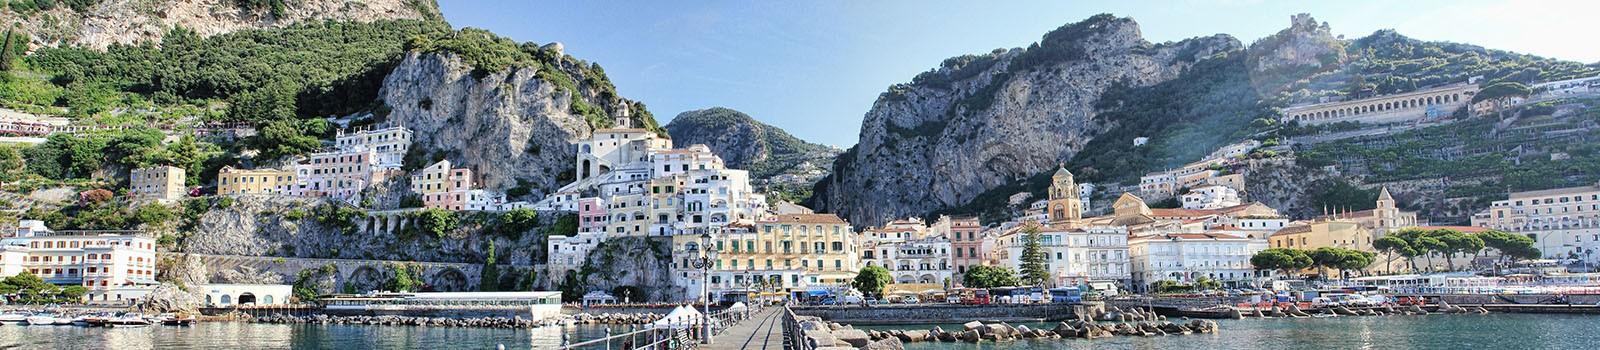 Amalifi Italien